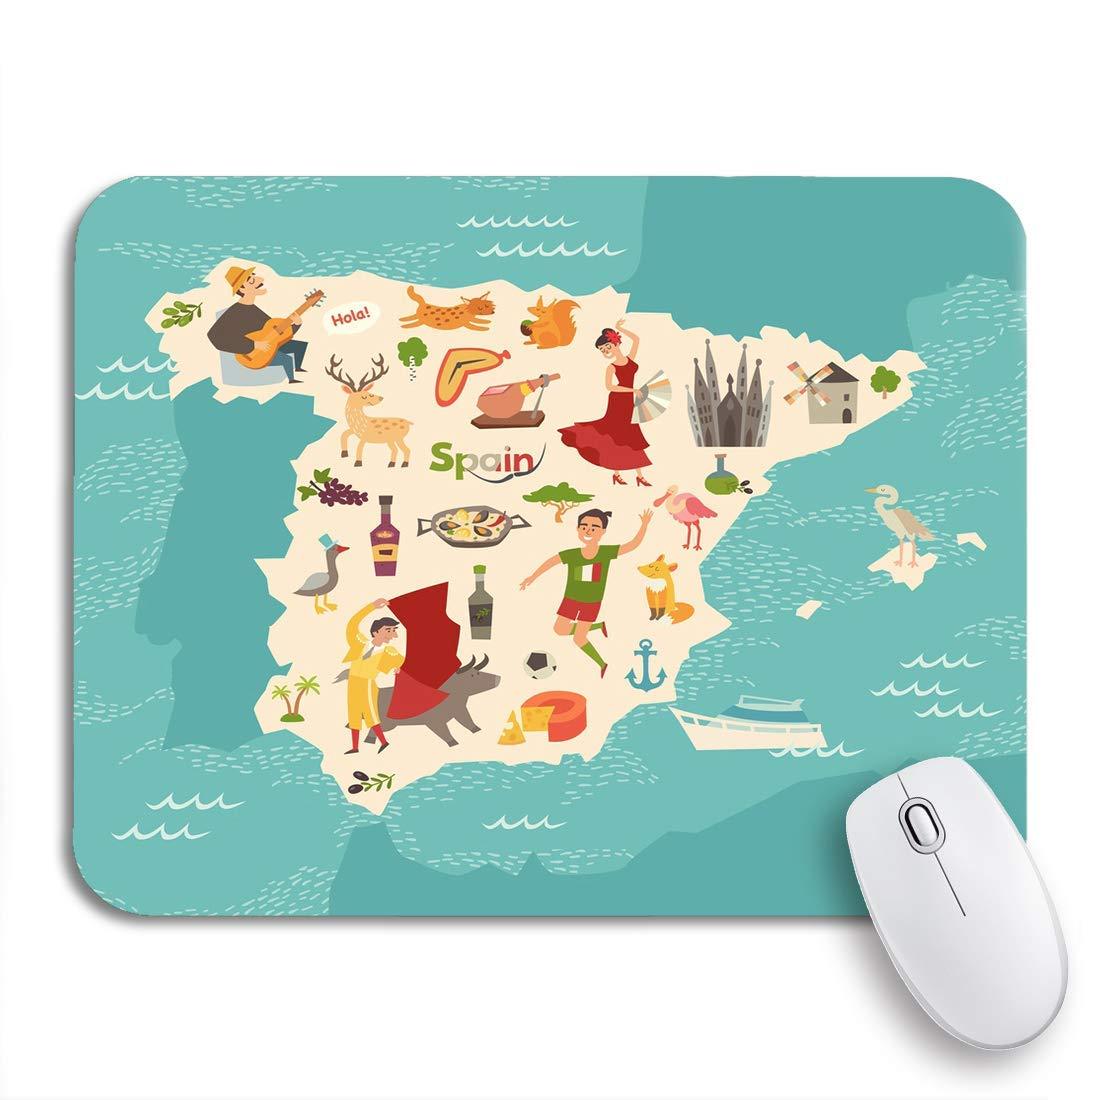 AIMILUX Alfombrilla Raton Alfombrilla Gaming Alfombrilla,Mapa de España de Atlas Infantil de Dibujos Animados para niños,Base de Goma Antideslizante para Laptop con computadora y PC: Amazon.es: Electrónica